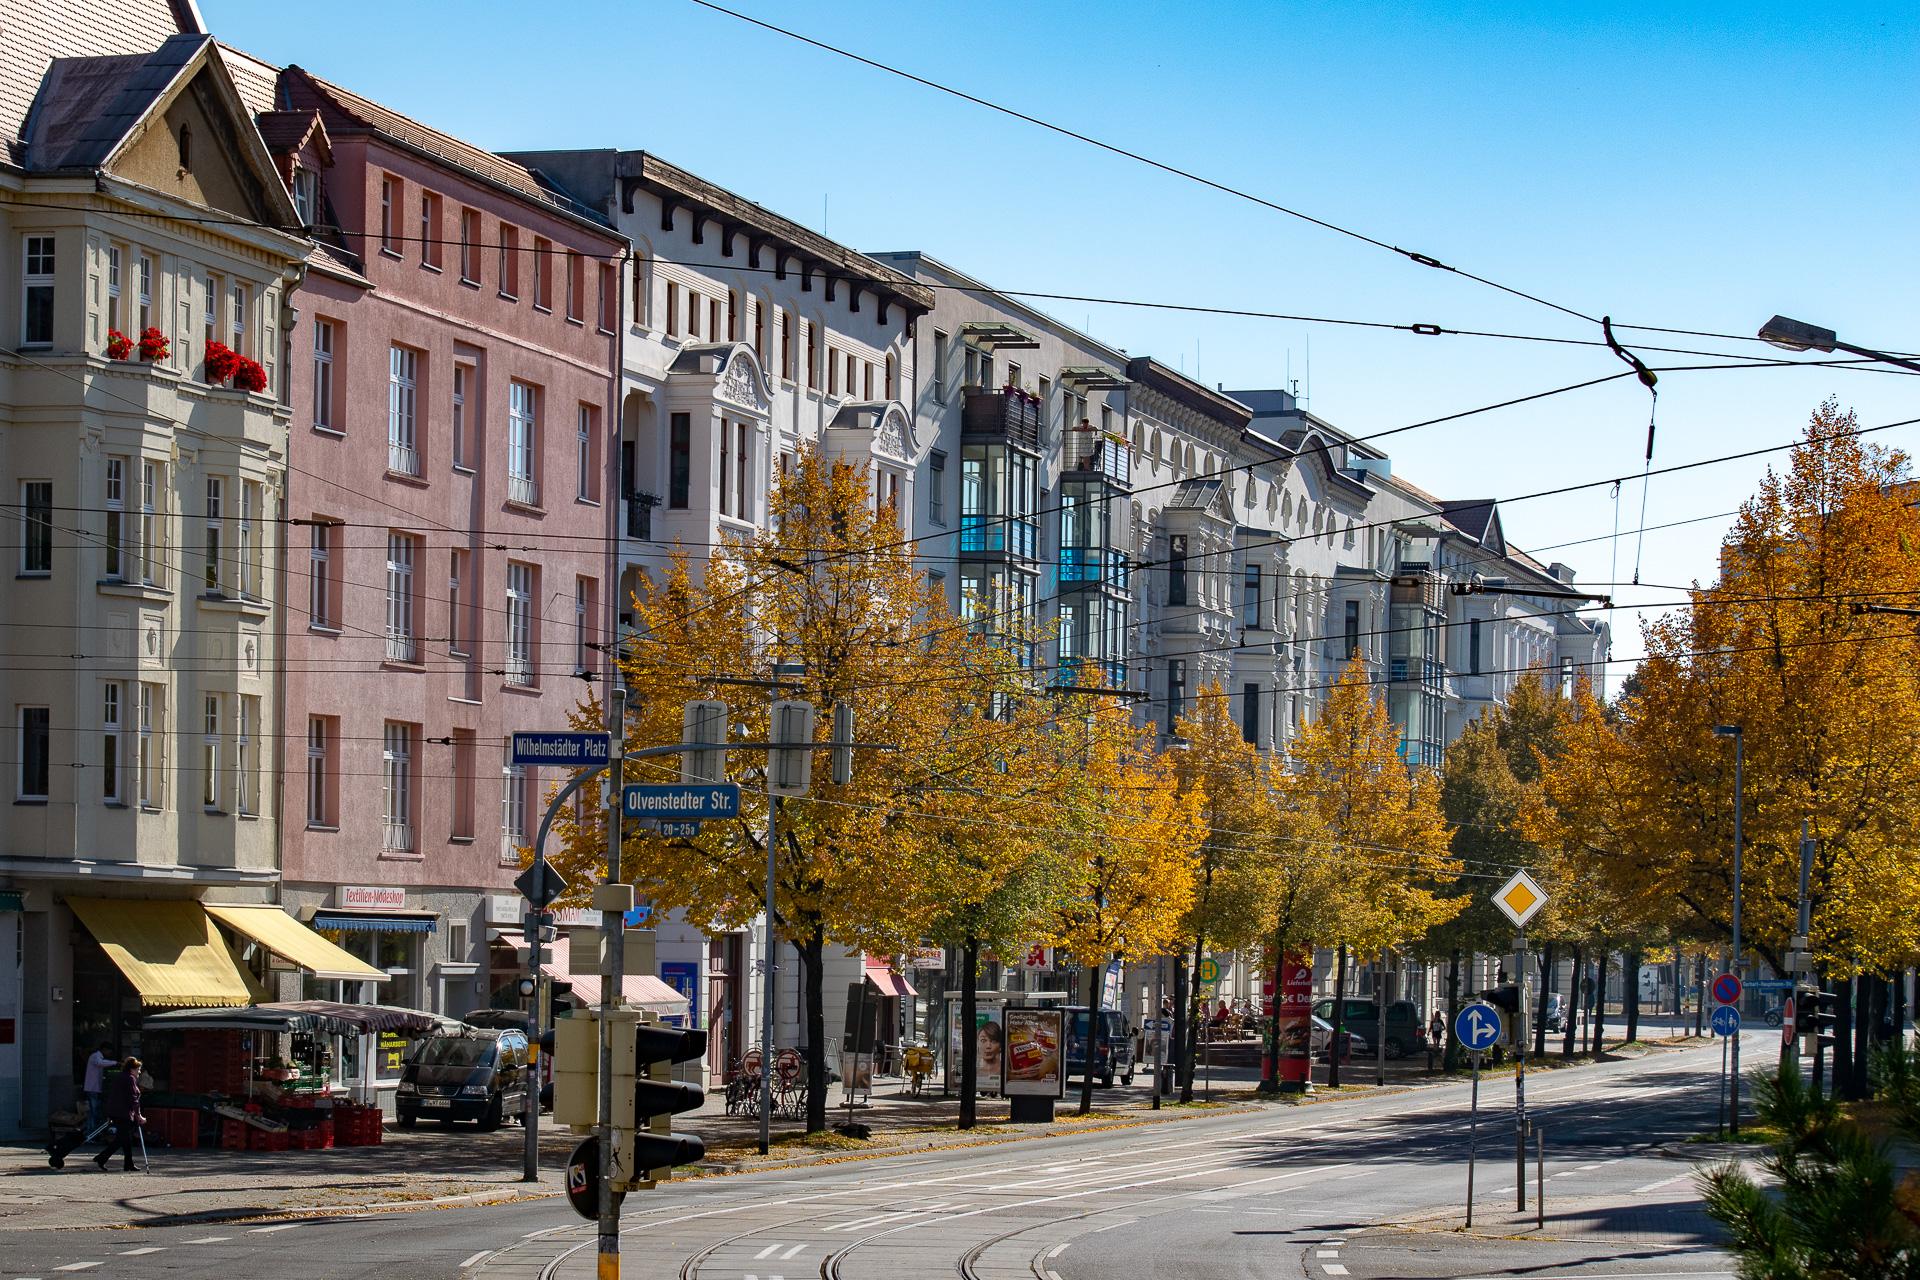 Olvenstedter Straße